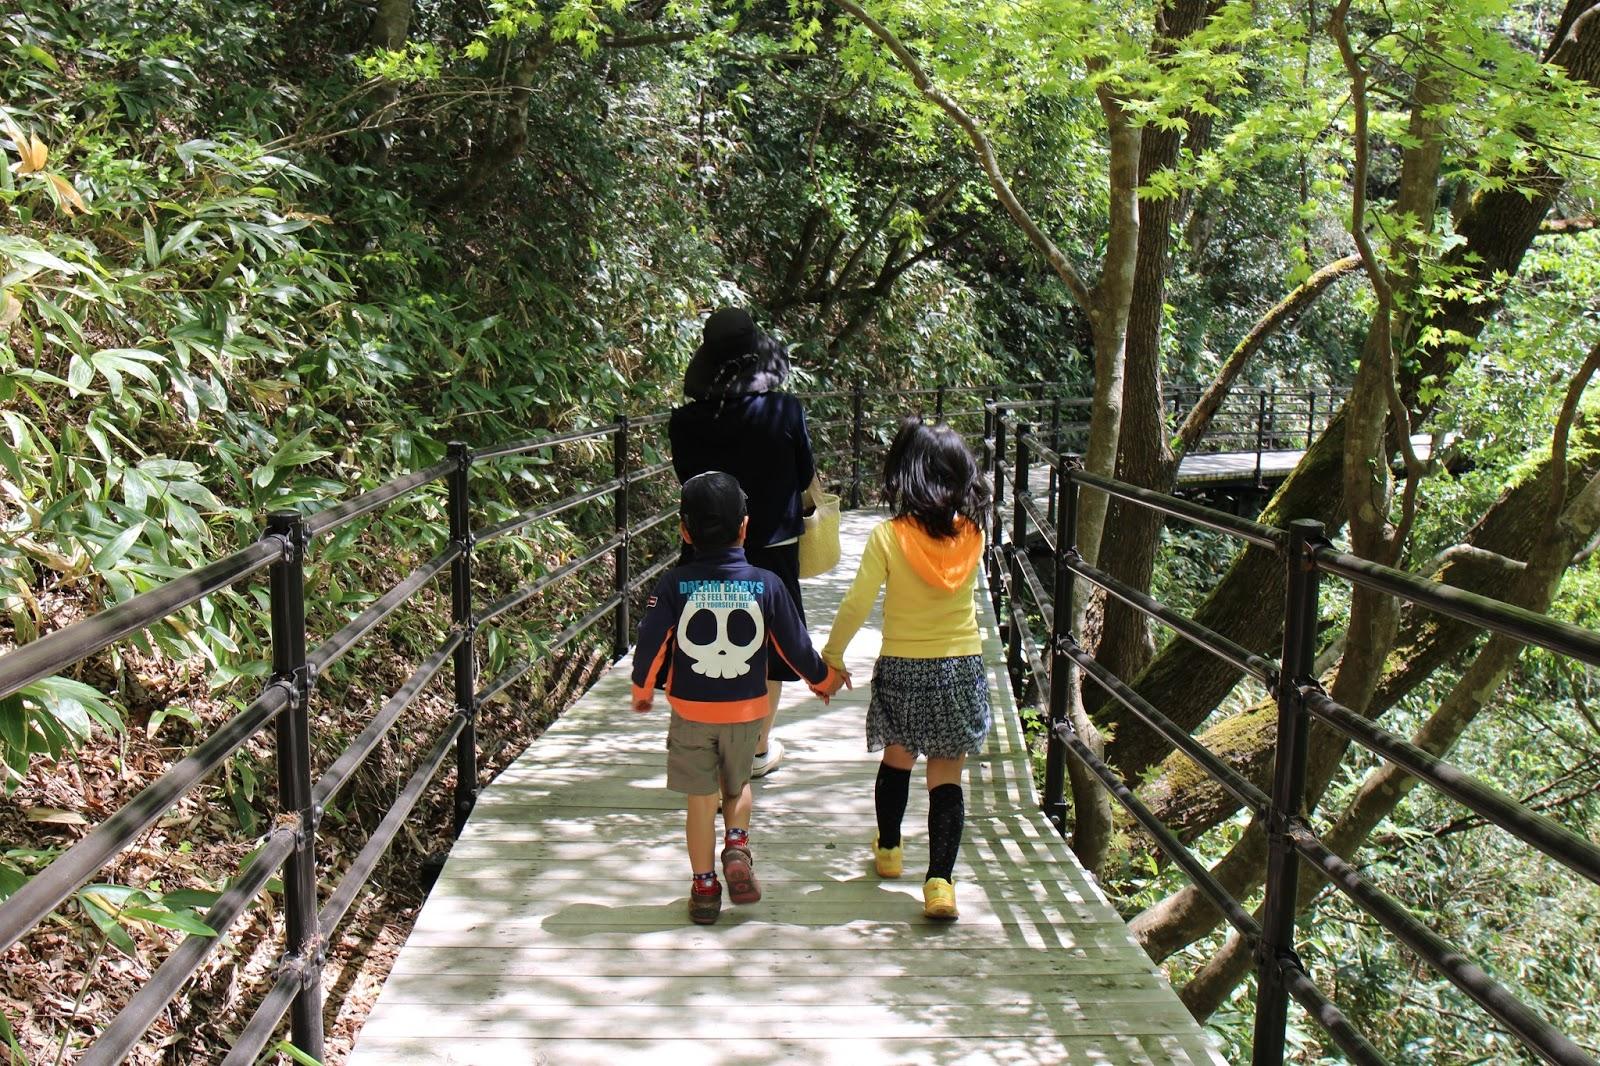 高さ45m長さ160mの「舌震恋吊り橋」で気を失ってきた。島根県、奥出雲「鬼の舌震」観光